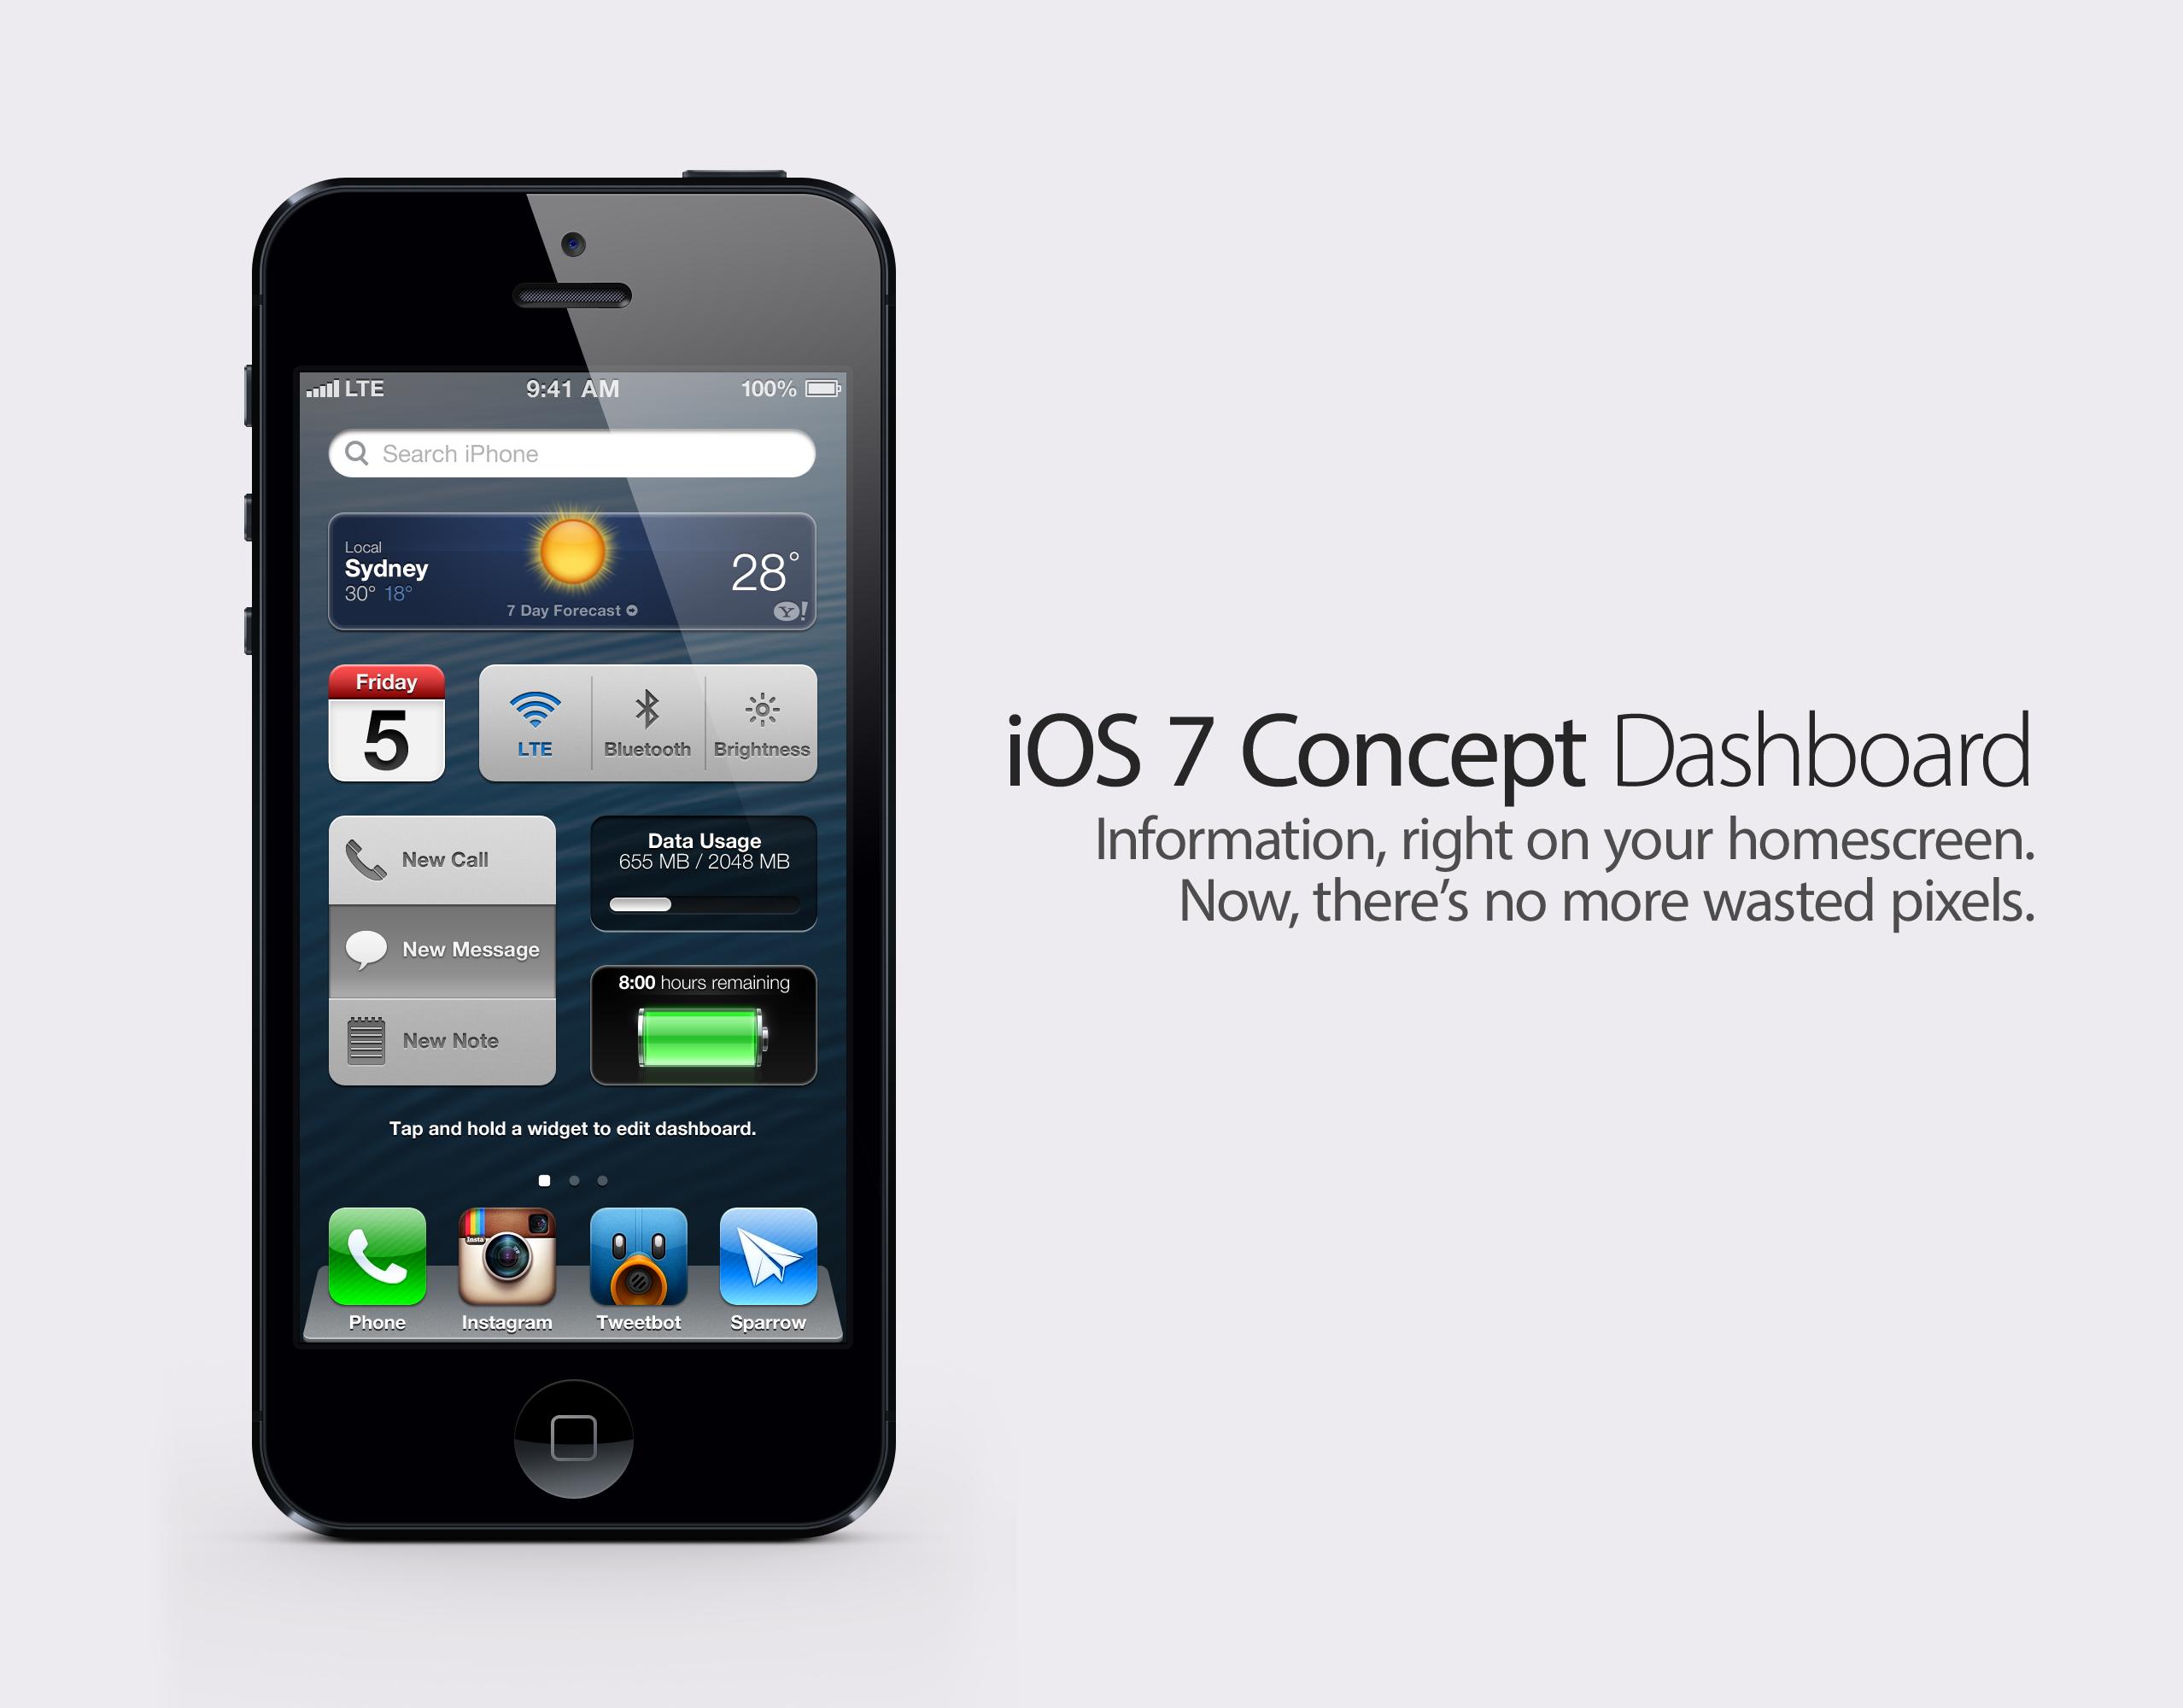 iOS 7 Concept: Dashboard